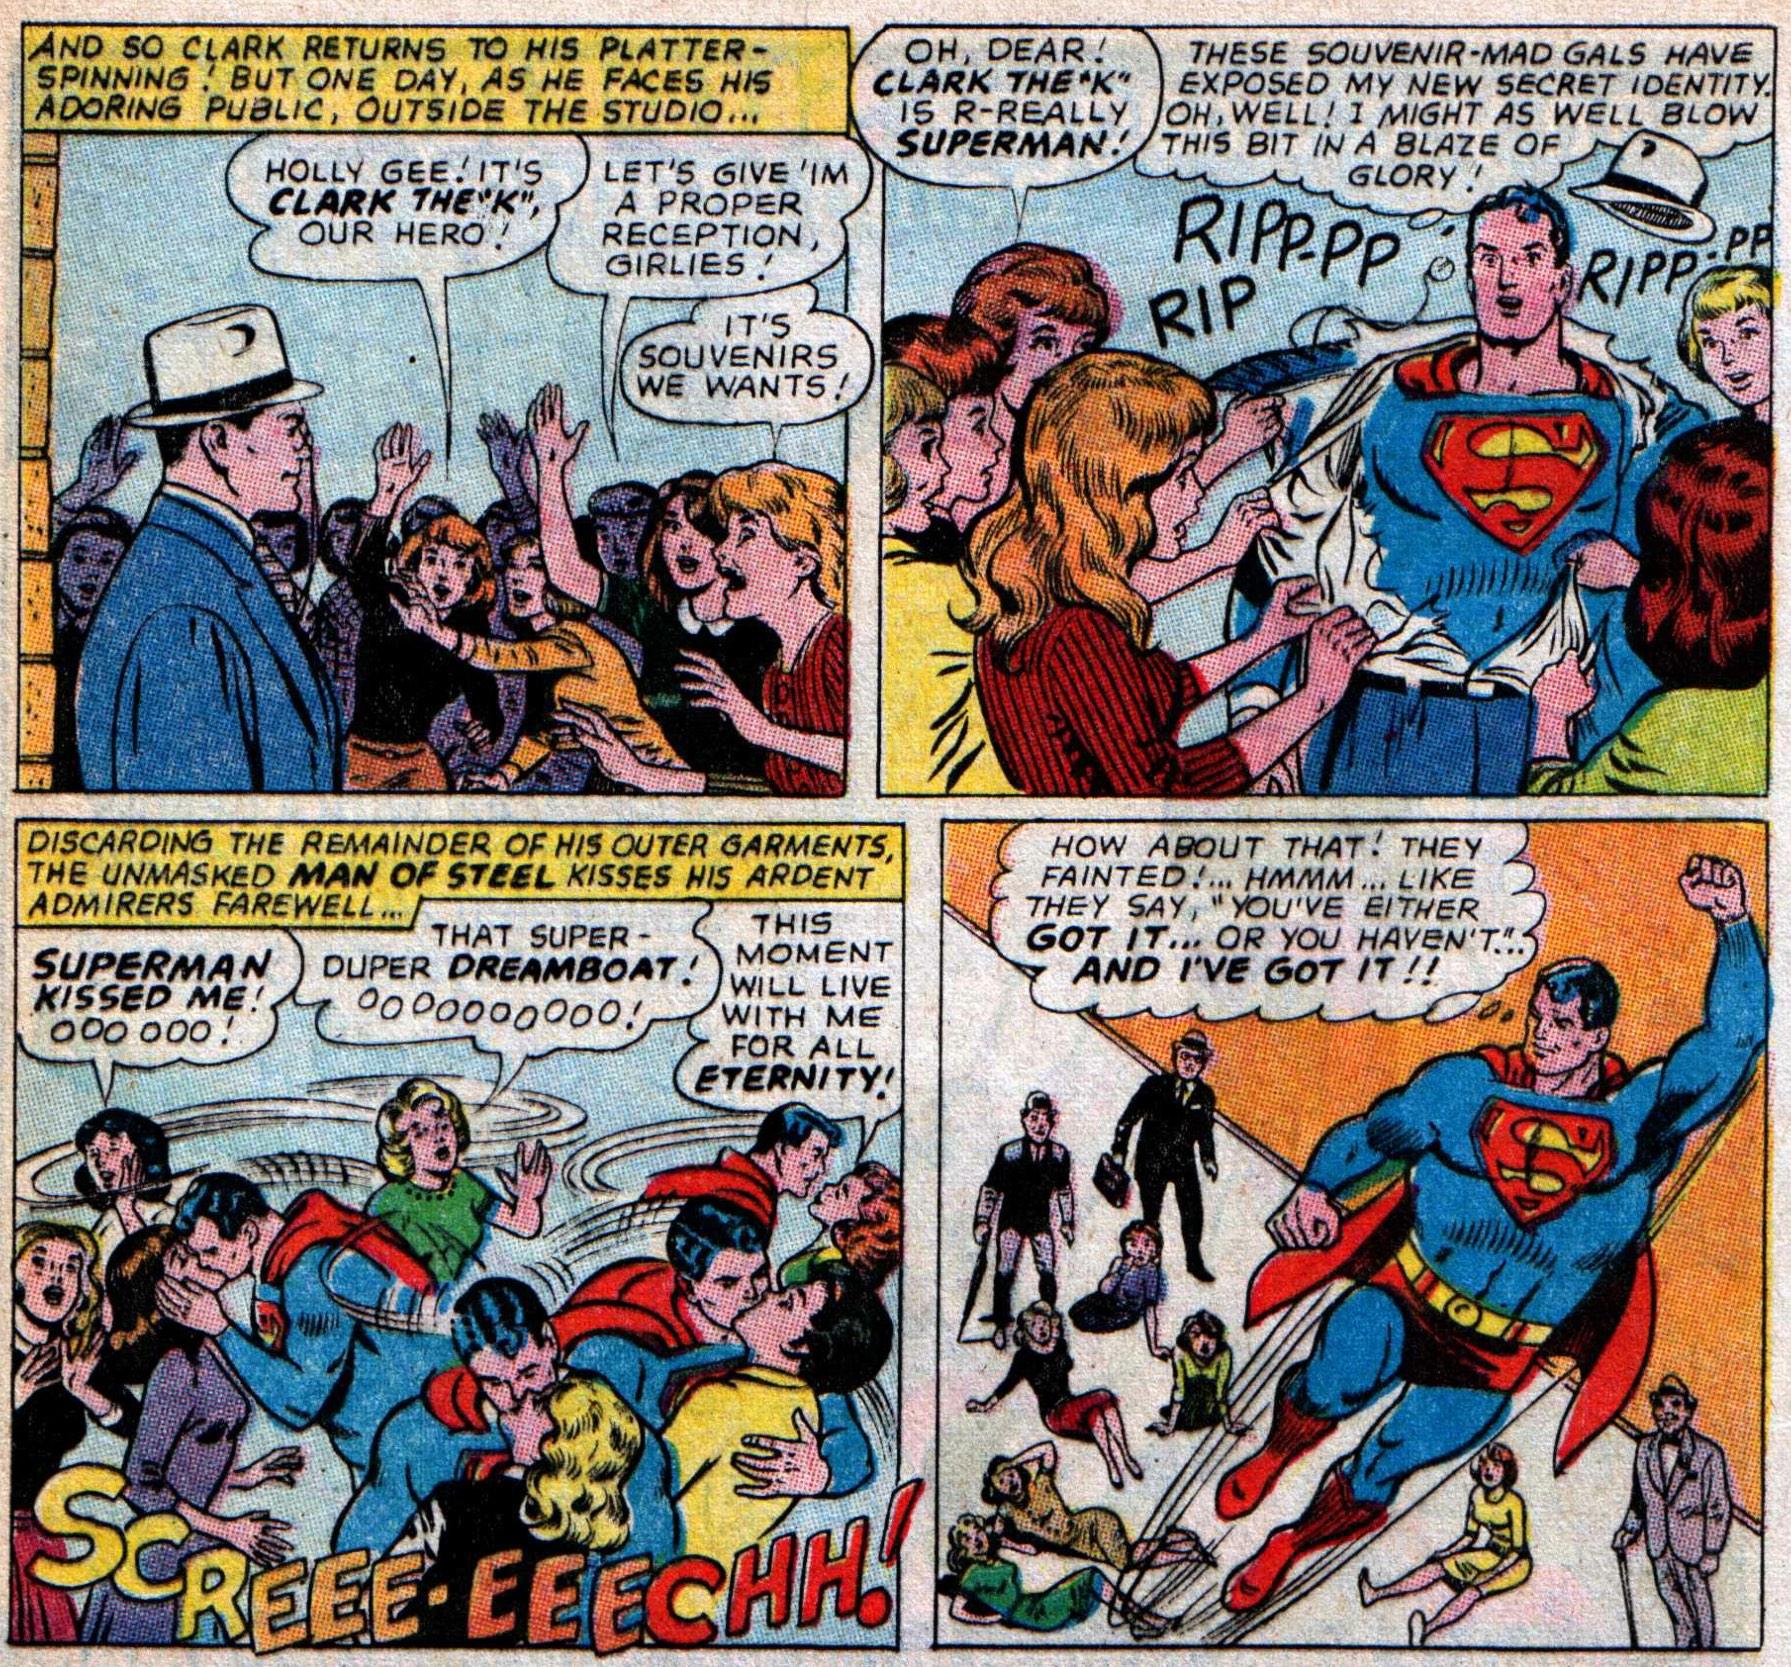 gjorde Superman och undrar kvinnan någonsin krok upp Gratis Dating Romford